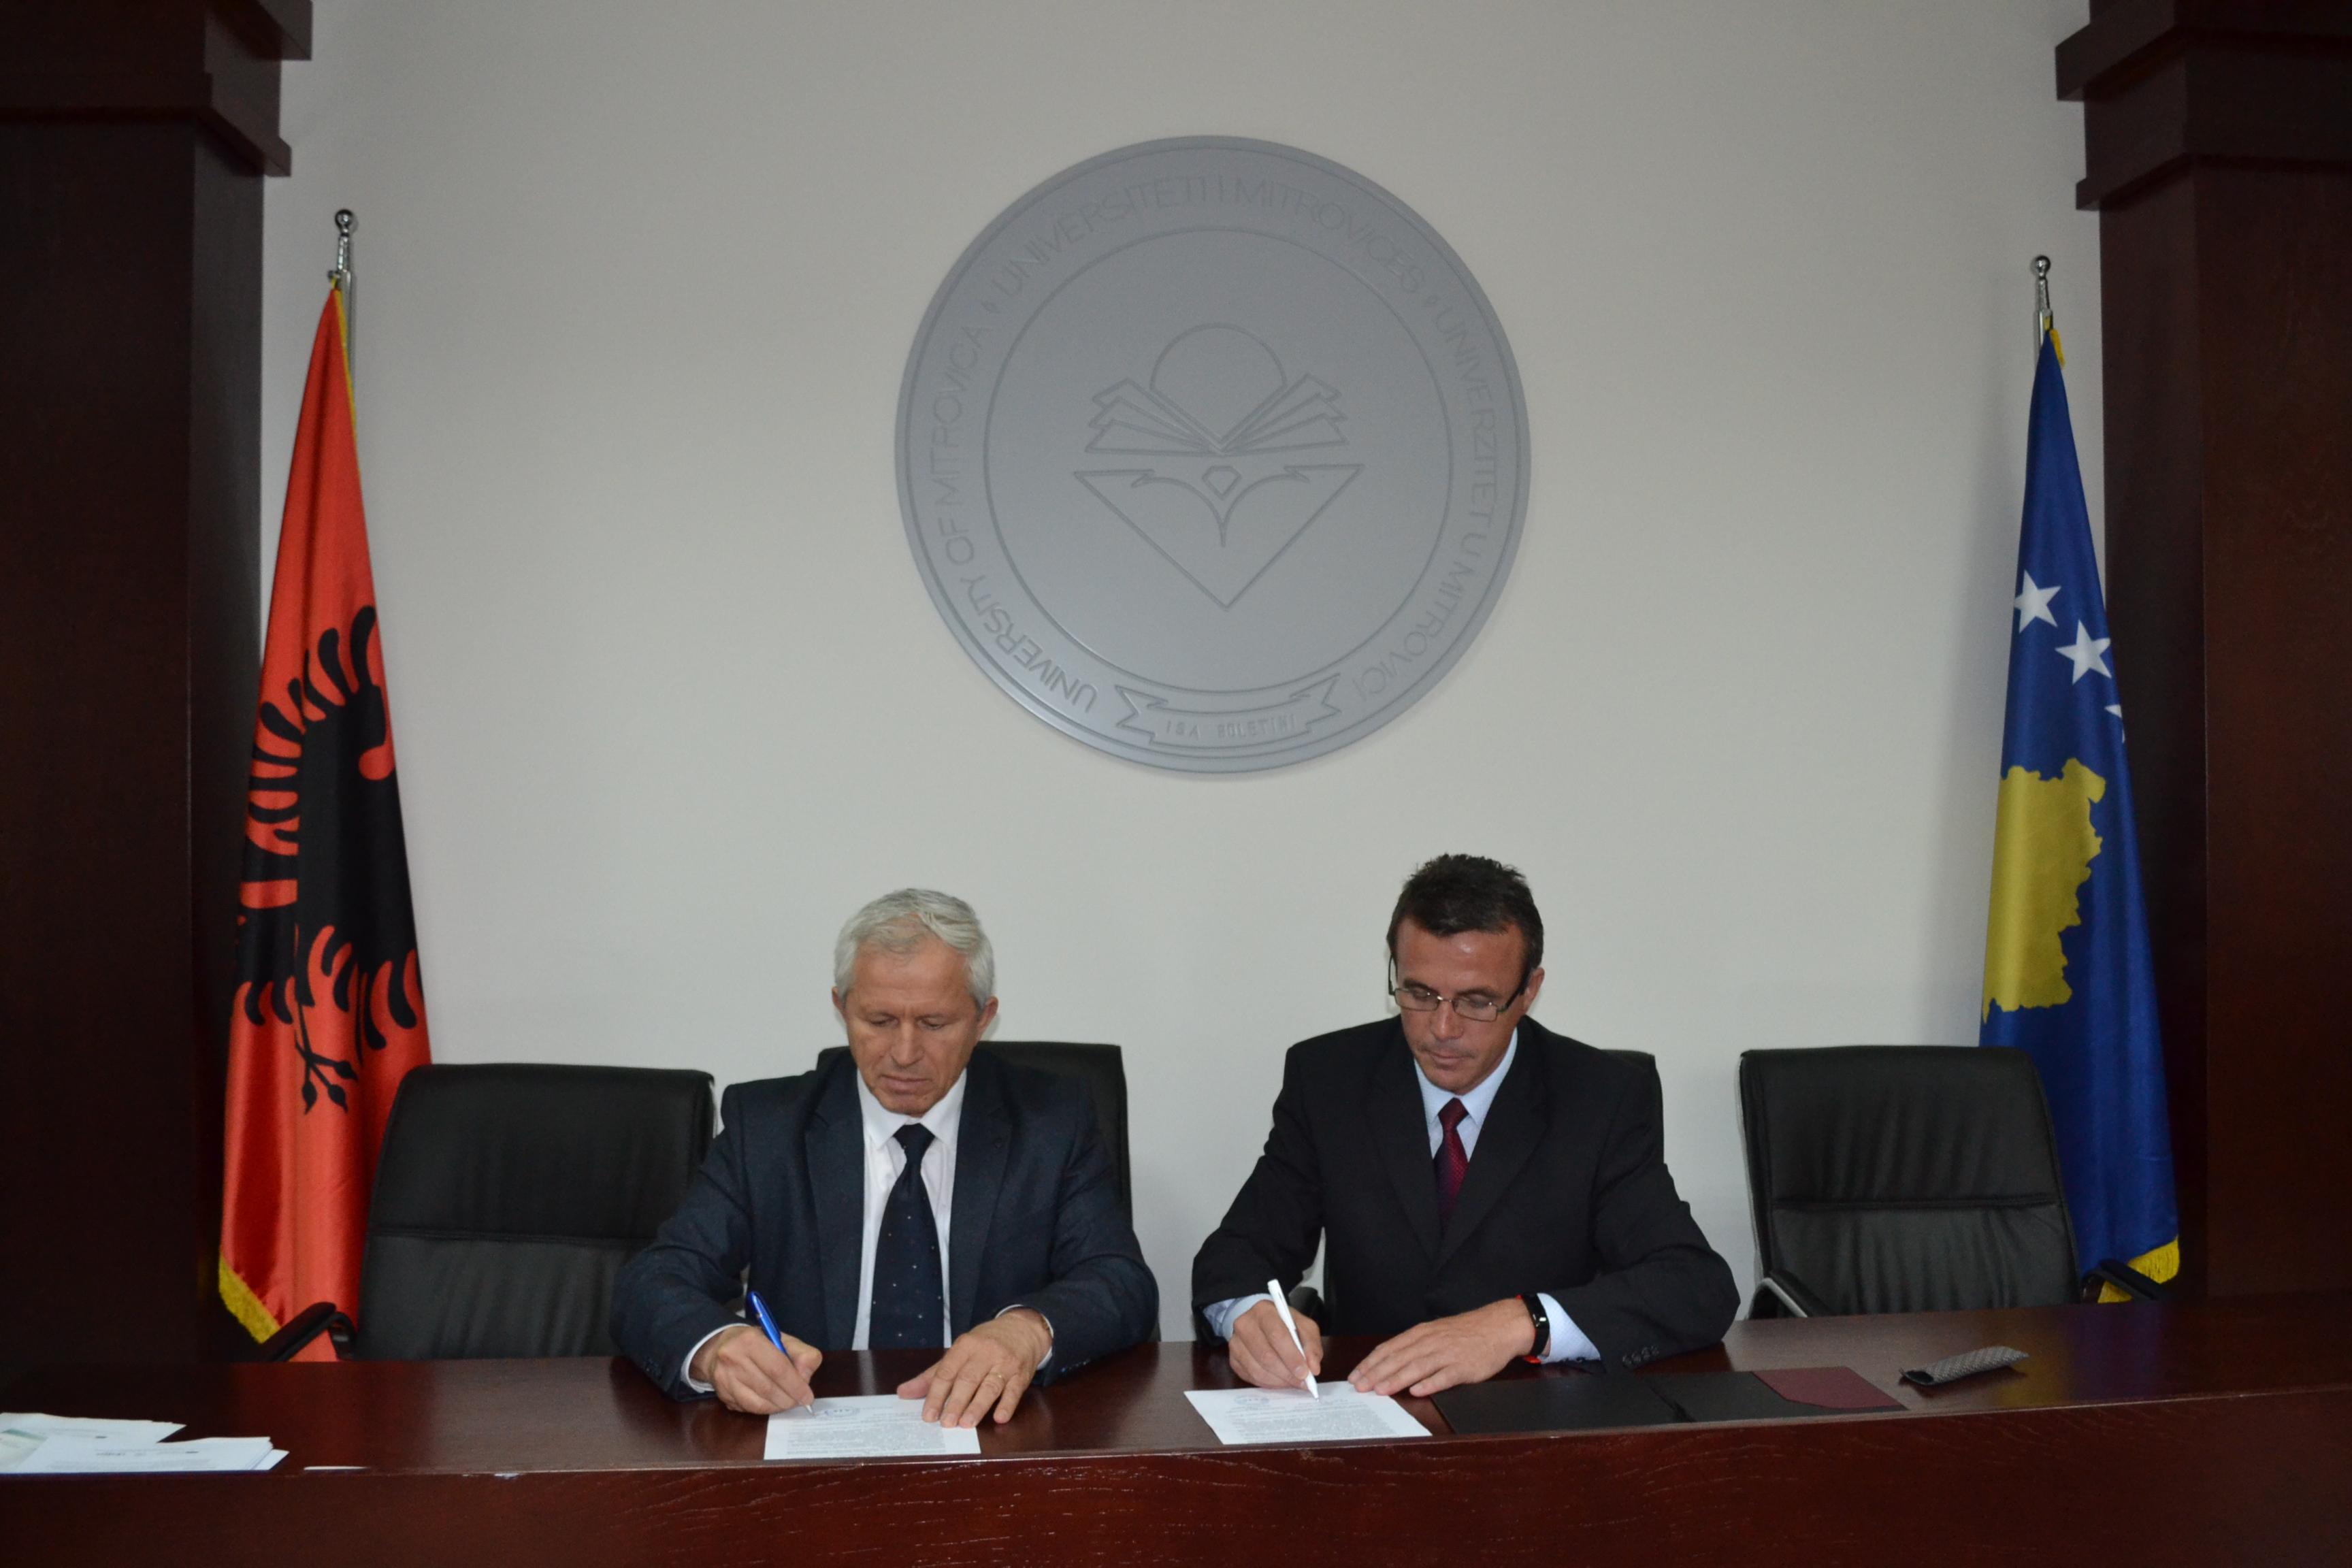 Marrëveshje bashkëpunimi me Institutin Shqiptar të Sociologjisë